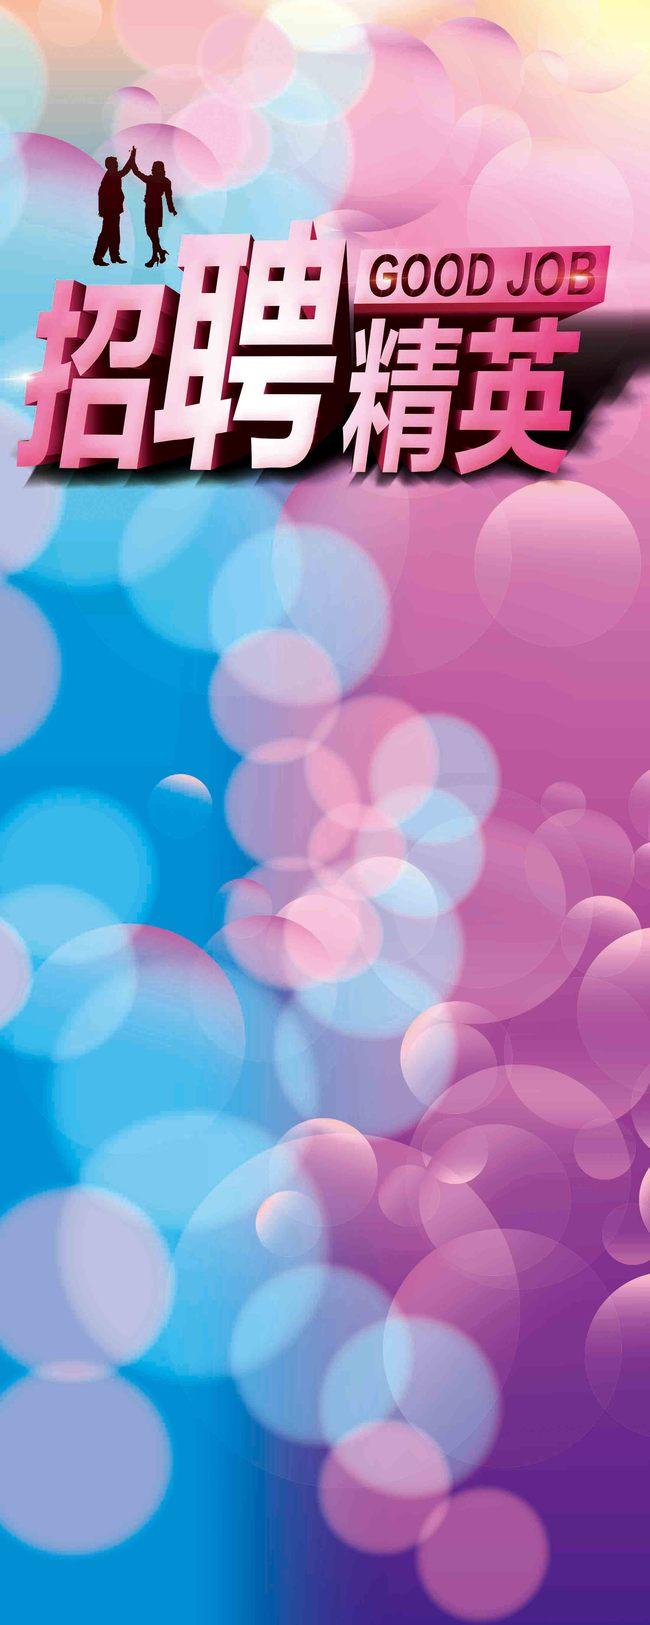 無料ダウンロードのための細菌明るいデザイン光の背景 カラフル 色 装飾